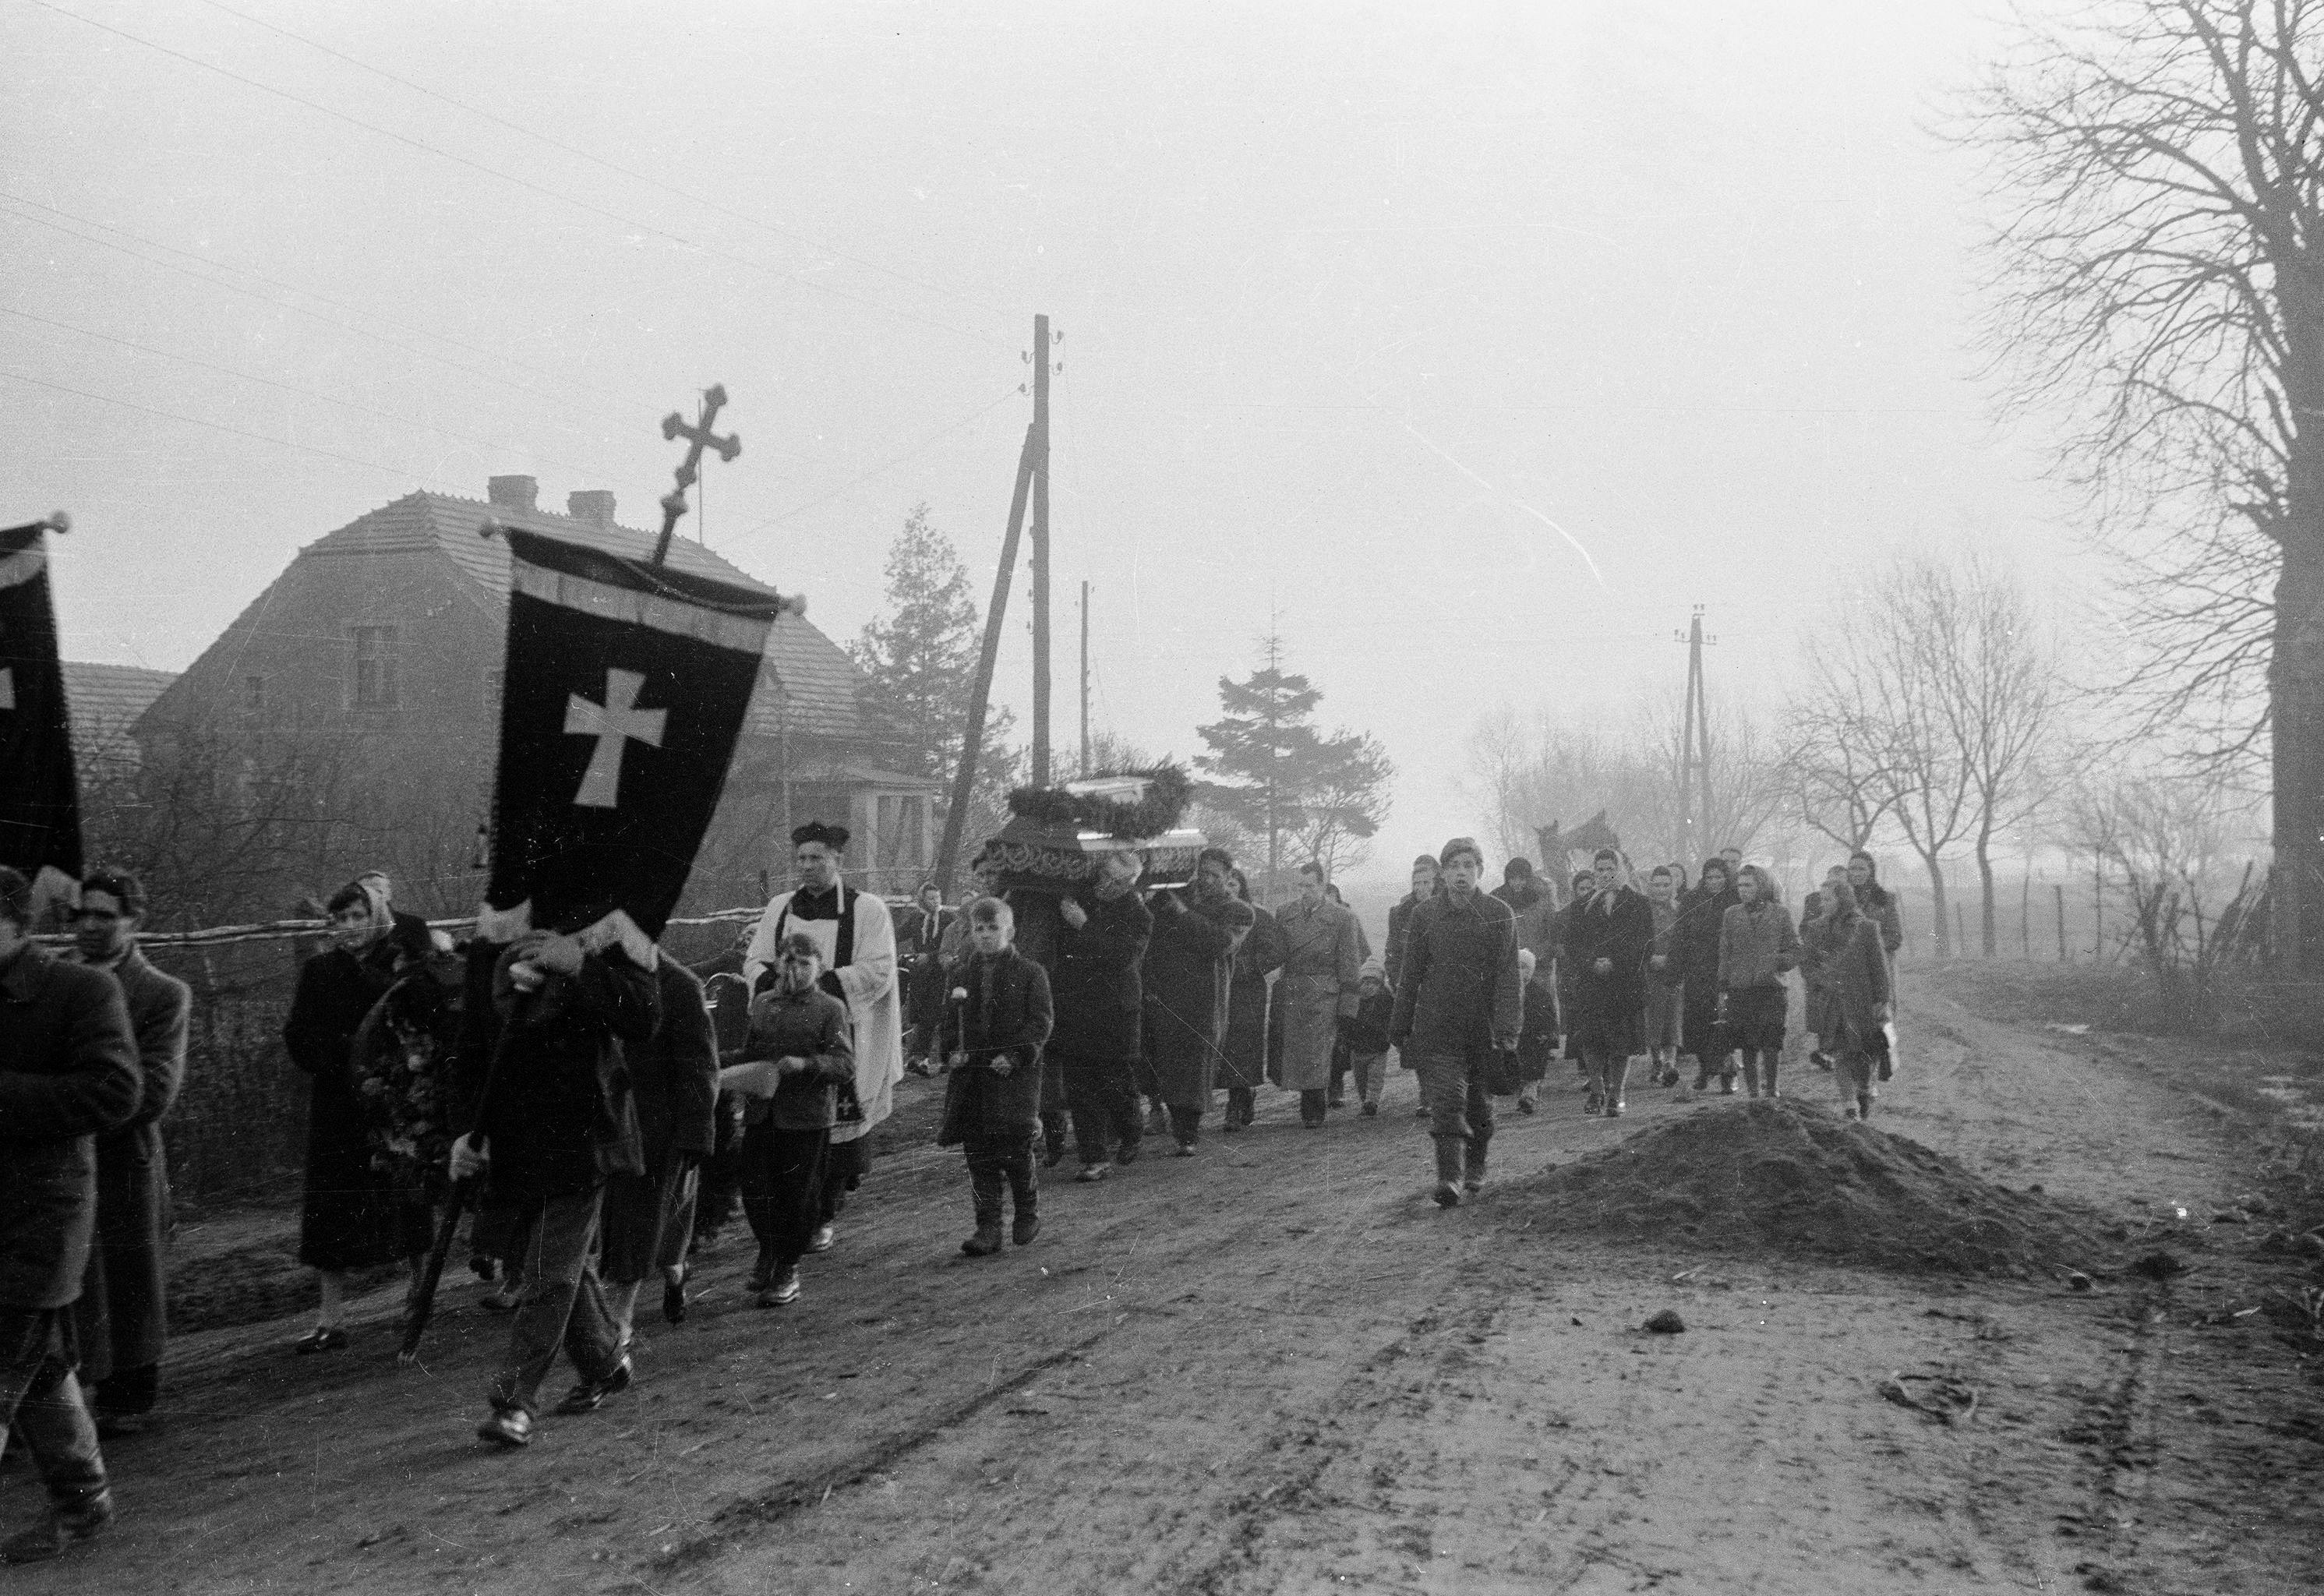 Kondukt pogrzebowy, parafia Smogorzów, Dolny Śląsk, koniec lat 50, XX w.